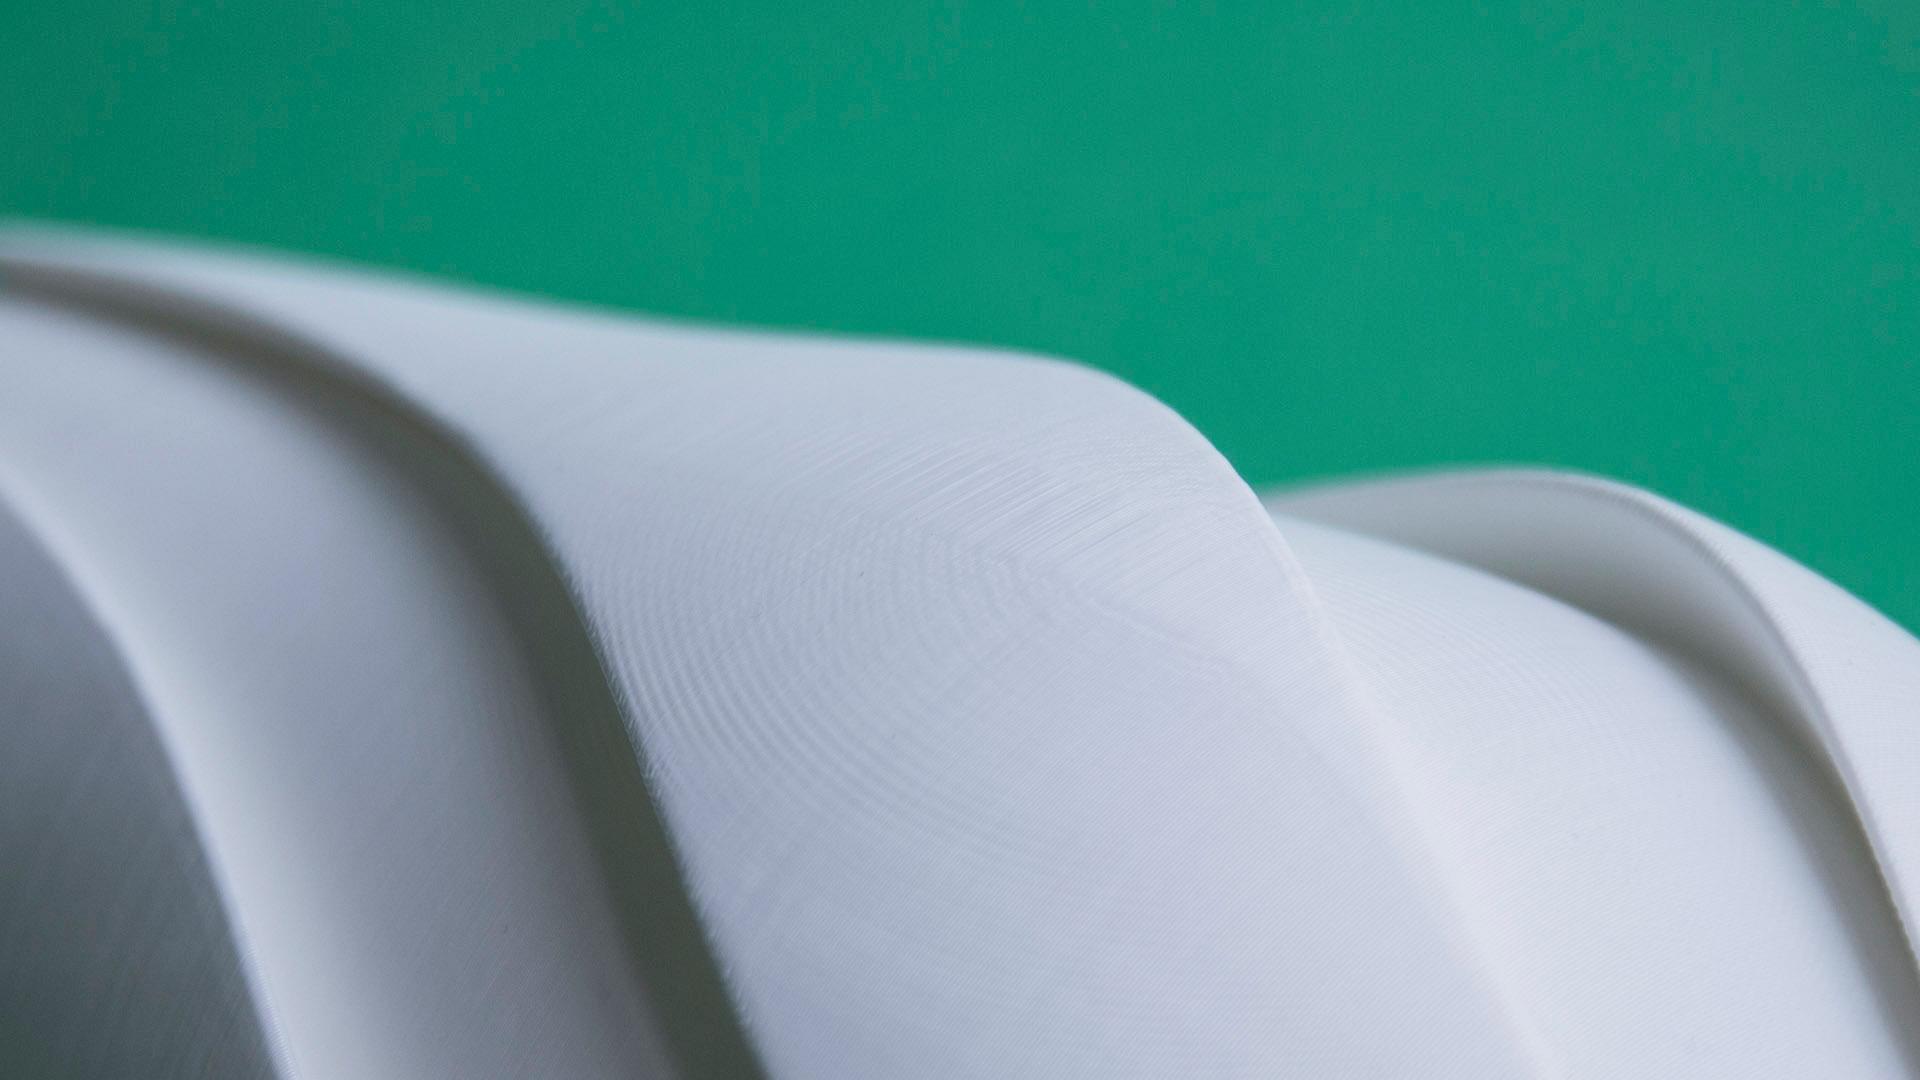 Vásame, dettaglio del vaso stampato 3D